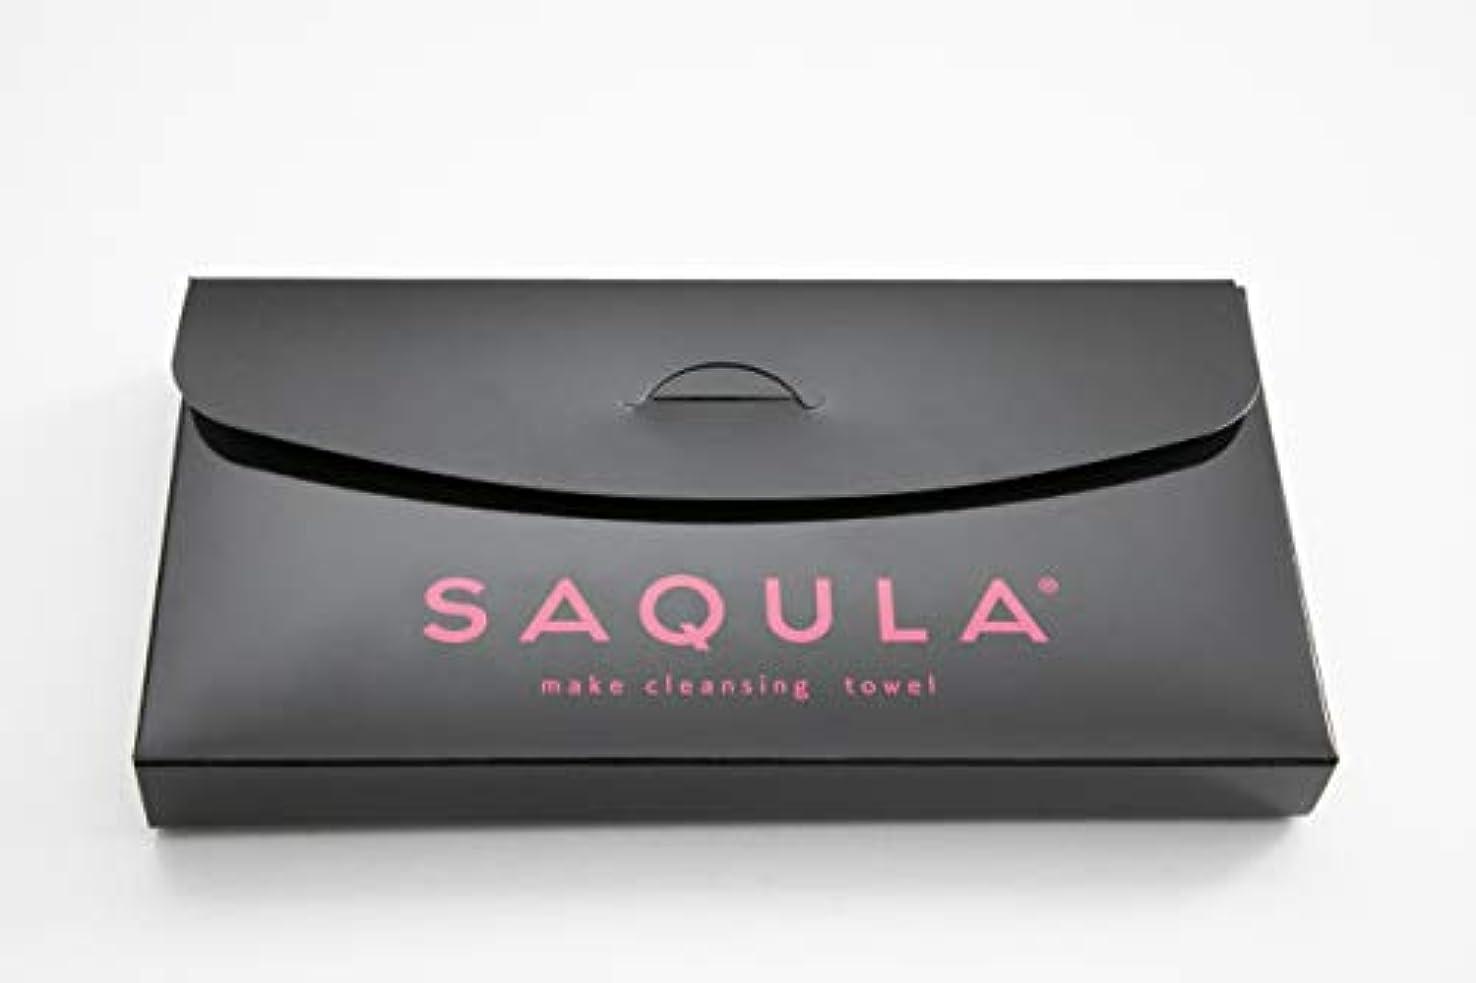 可愛い機械検査SAQULA クレンジングタオル ピンク テレビで紹介された 水に濡らして拭くだけで簡単にメイクが落とせるクレンジングタオル